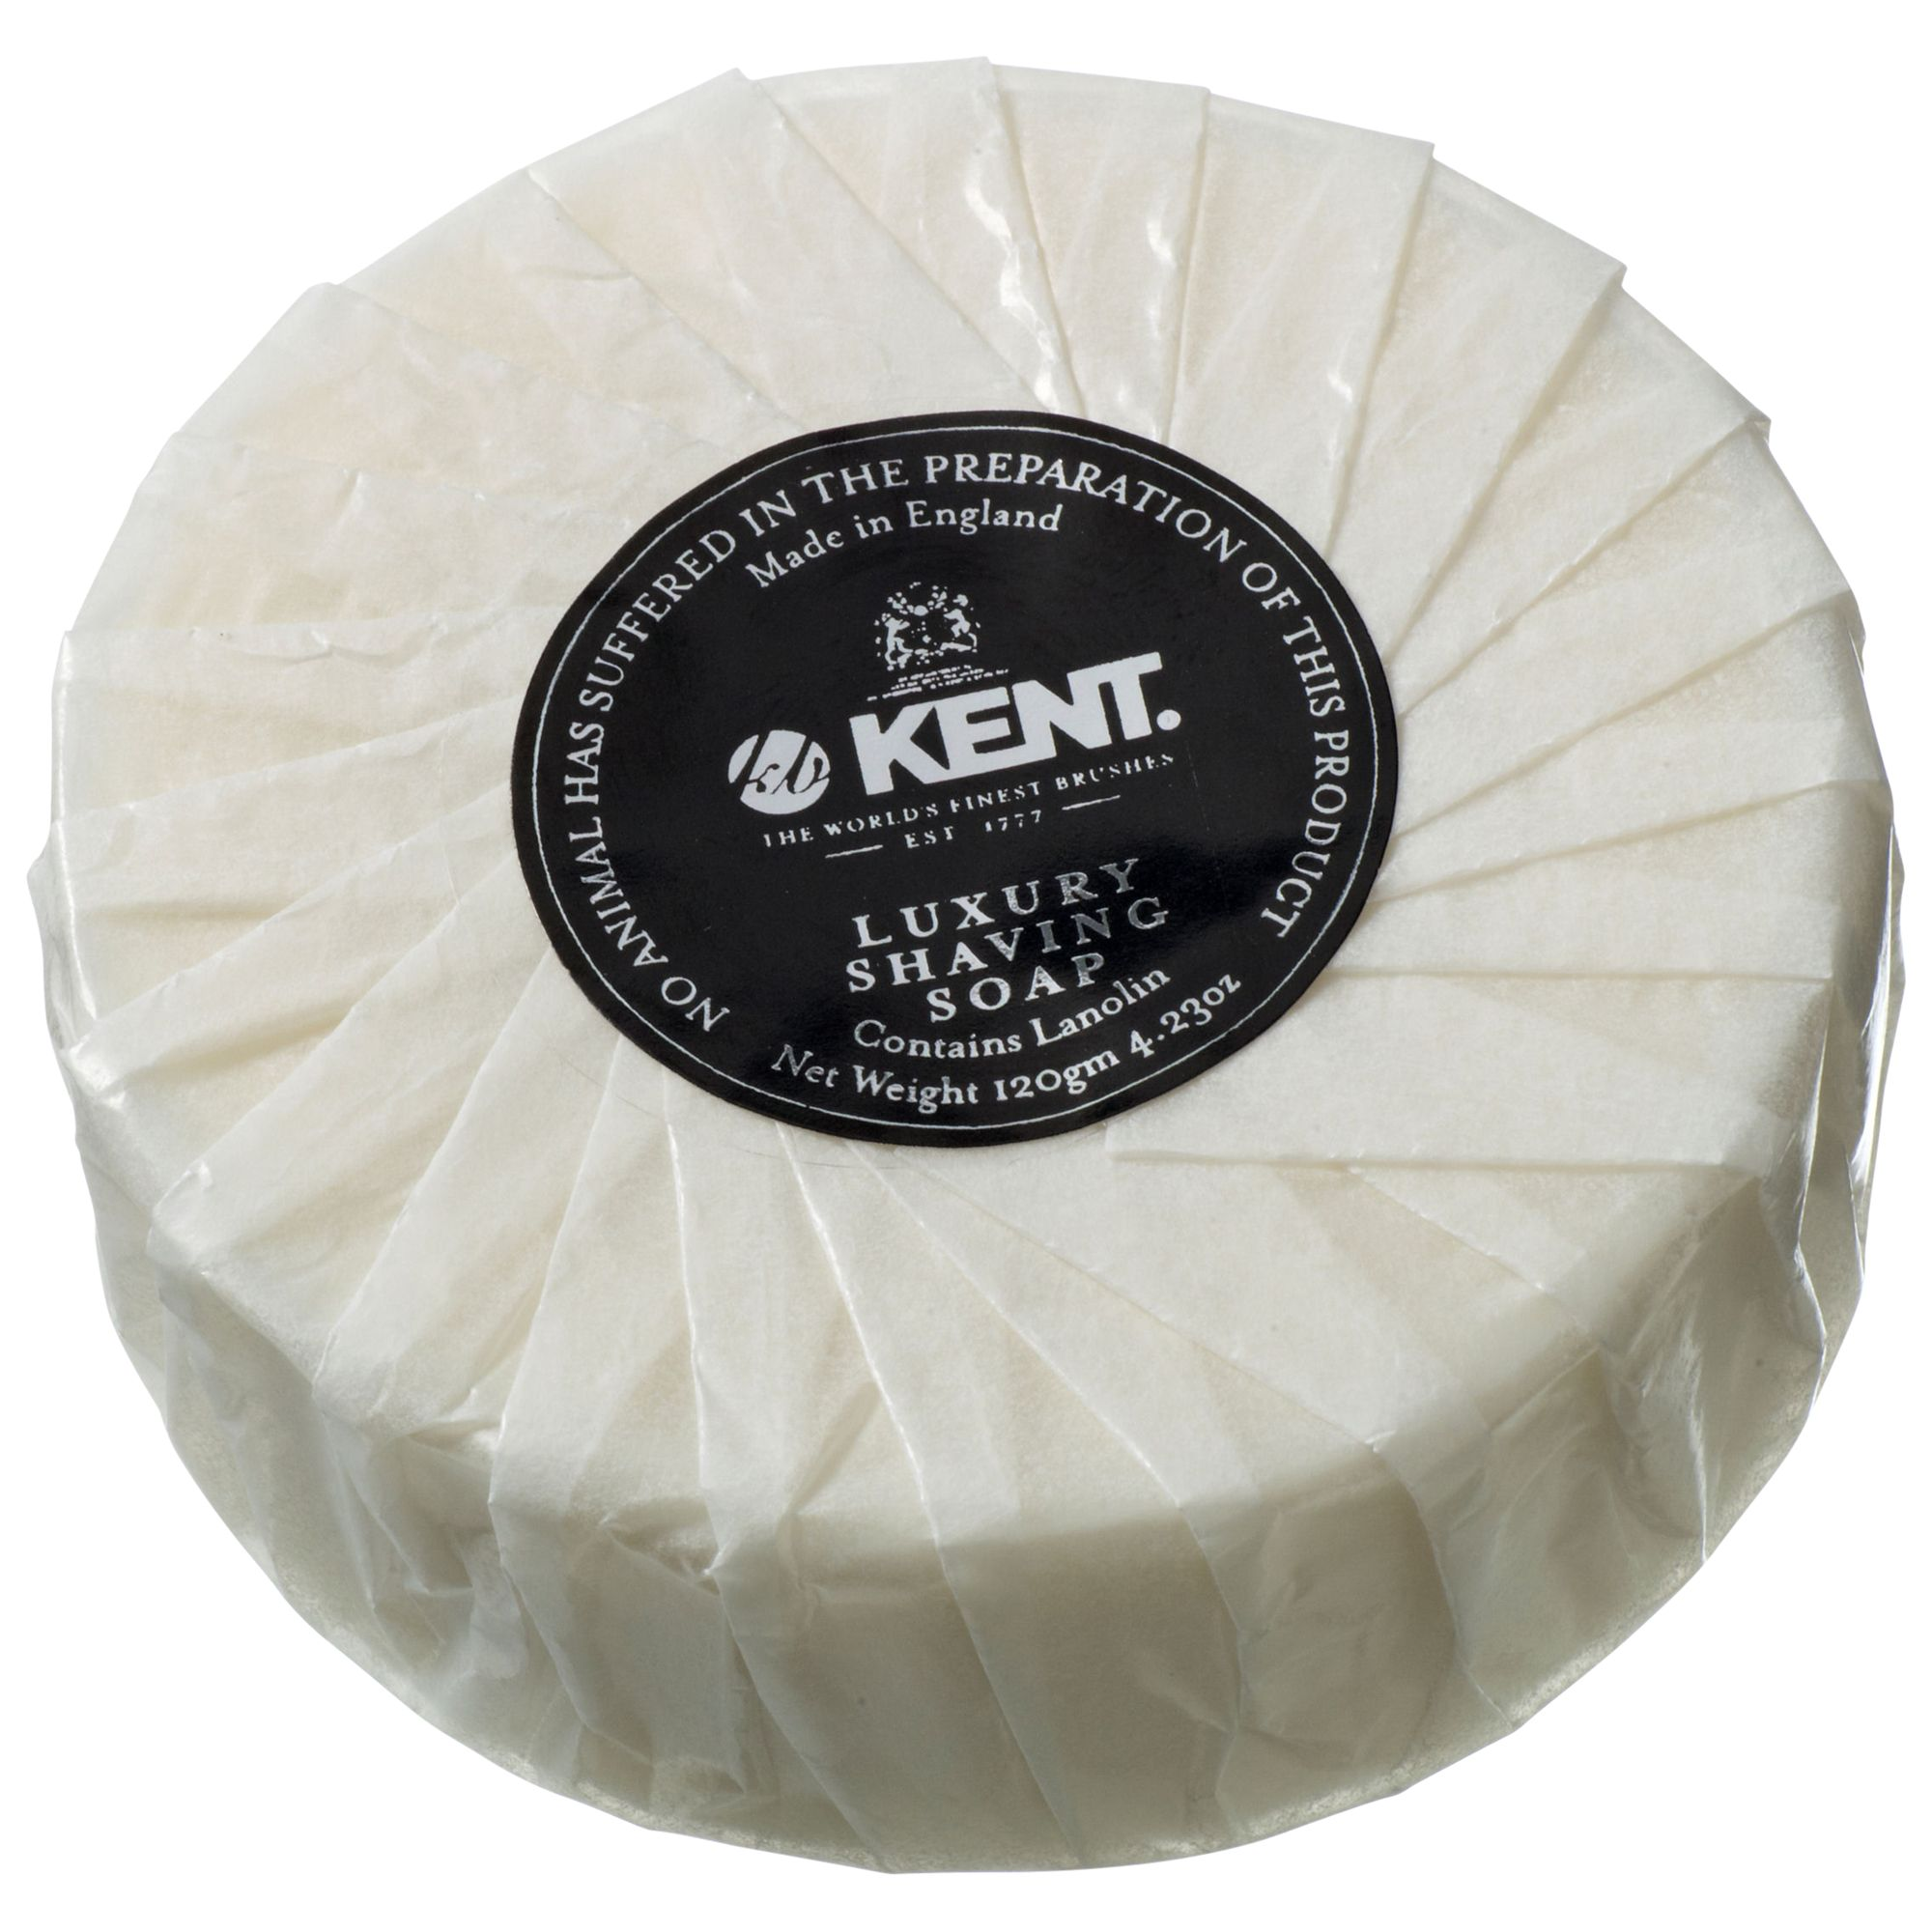 Kent Kent Luxury Shaving Soap Refill, 125g